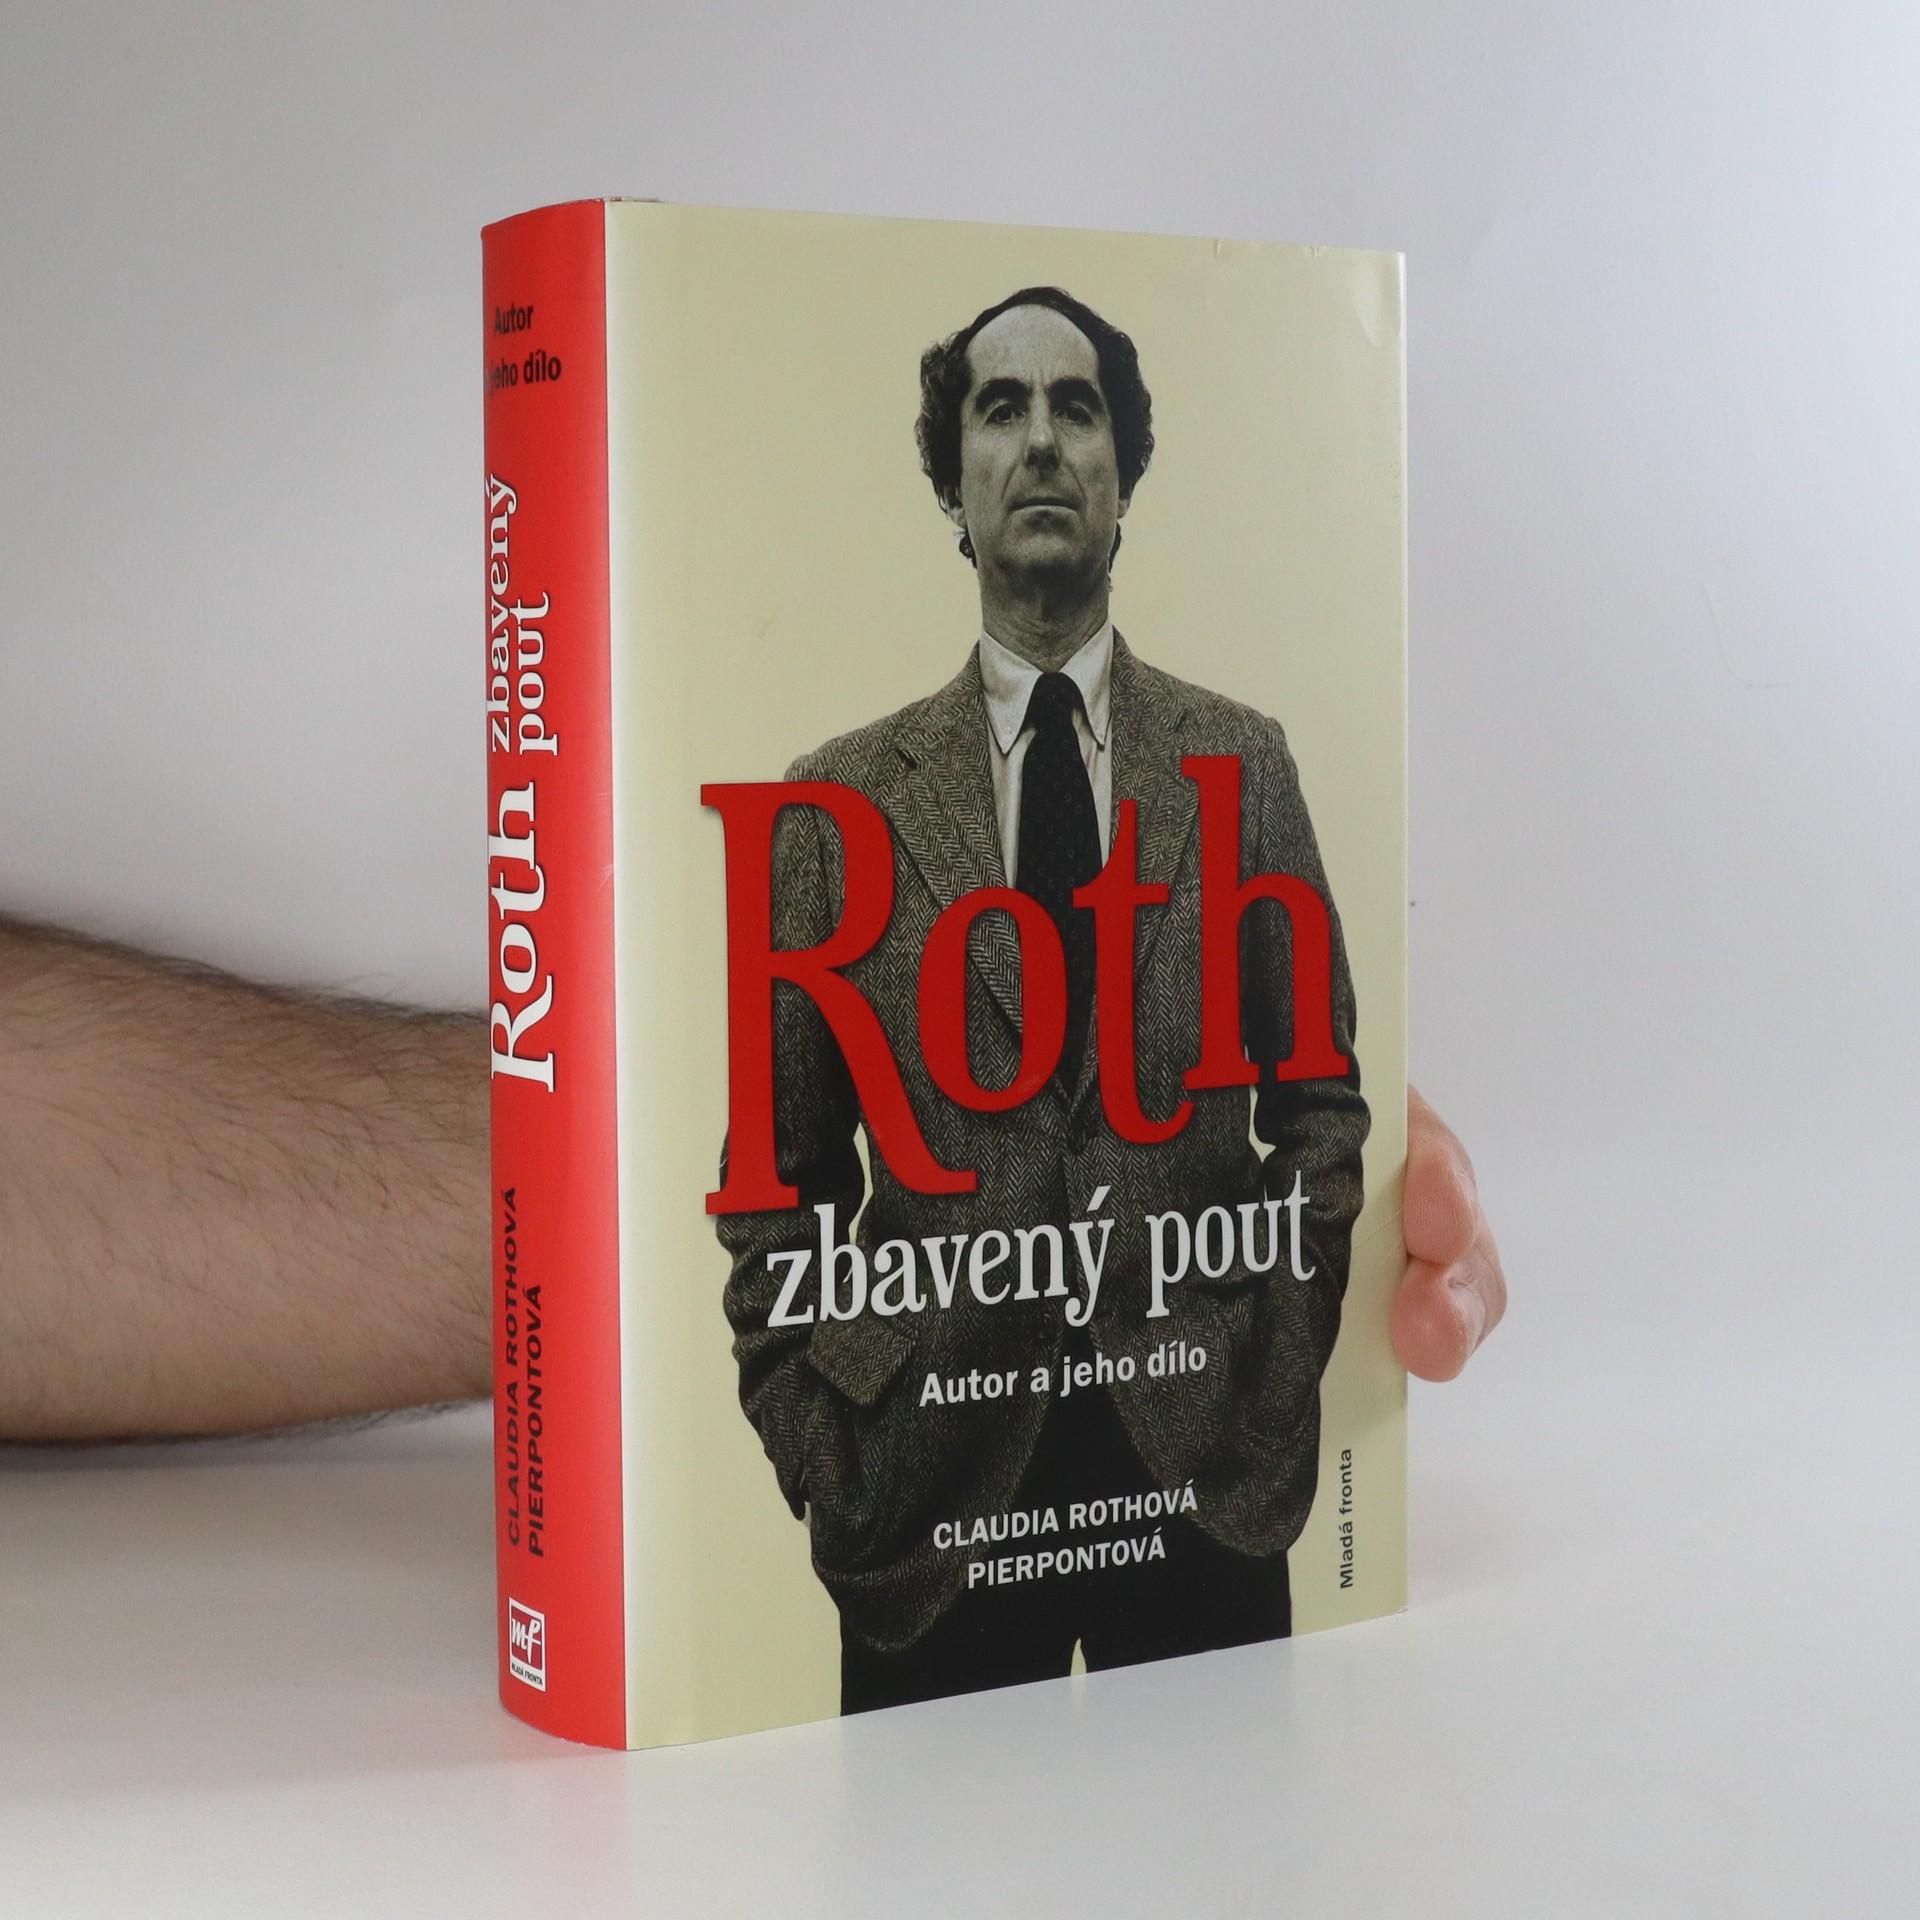 antikvární kniha Roth zbavený pout. Autor a jeho dílo, 2015